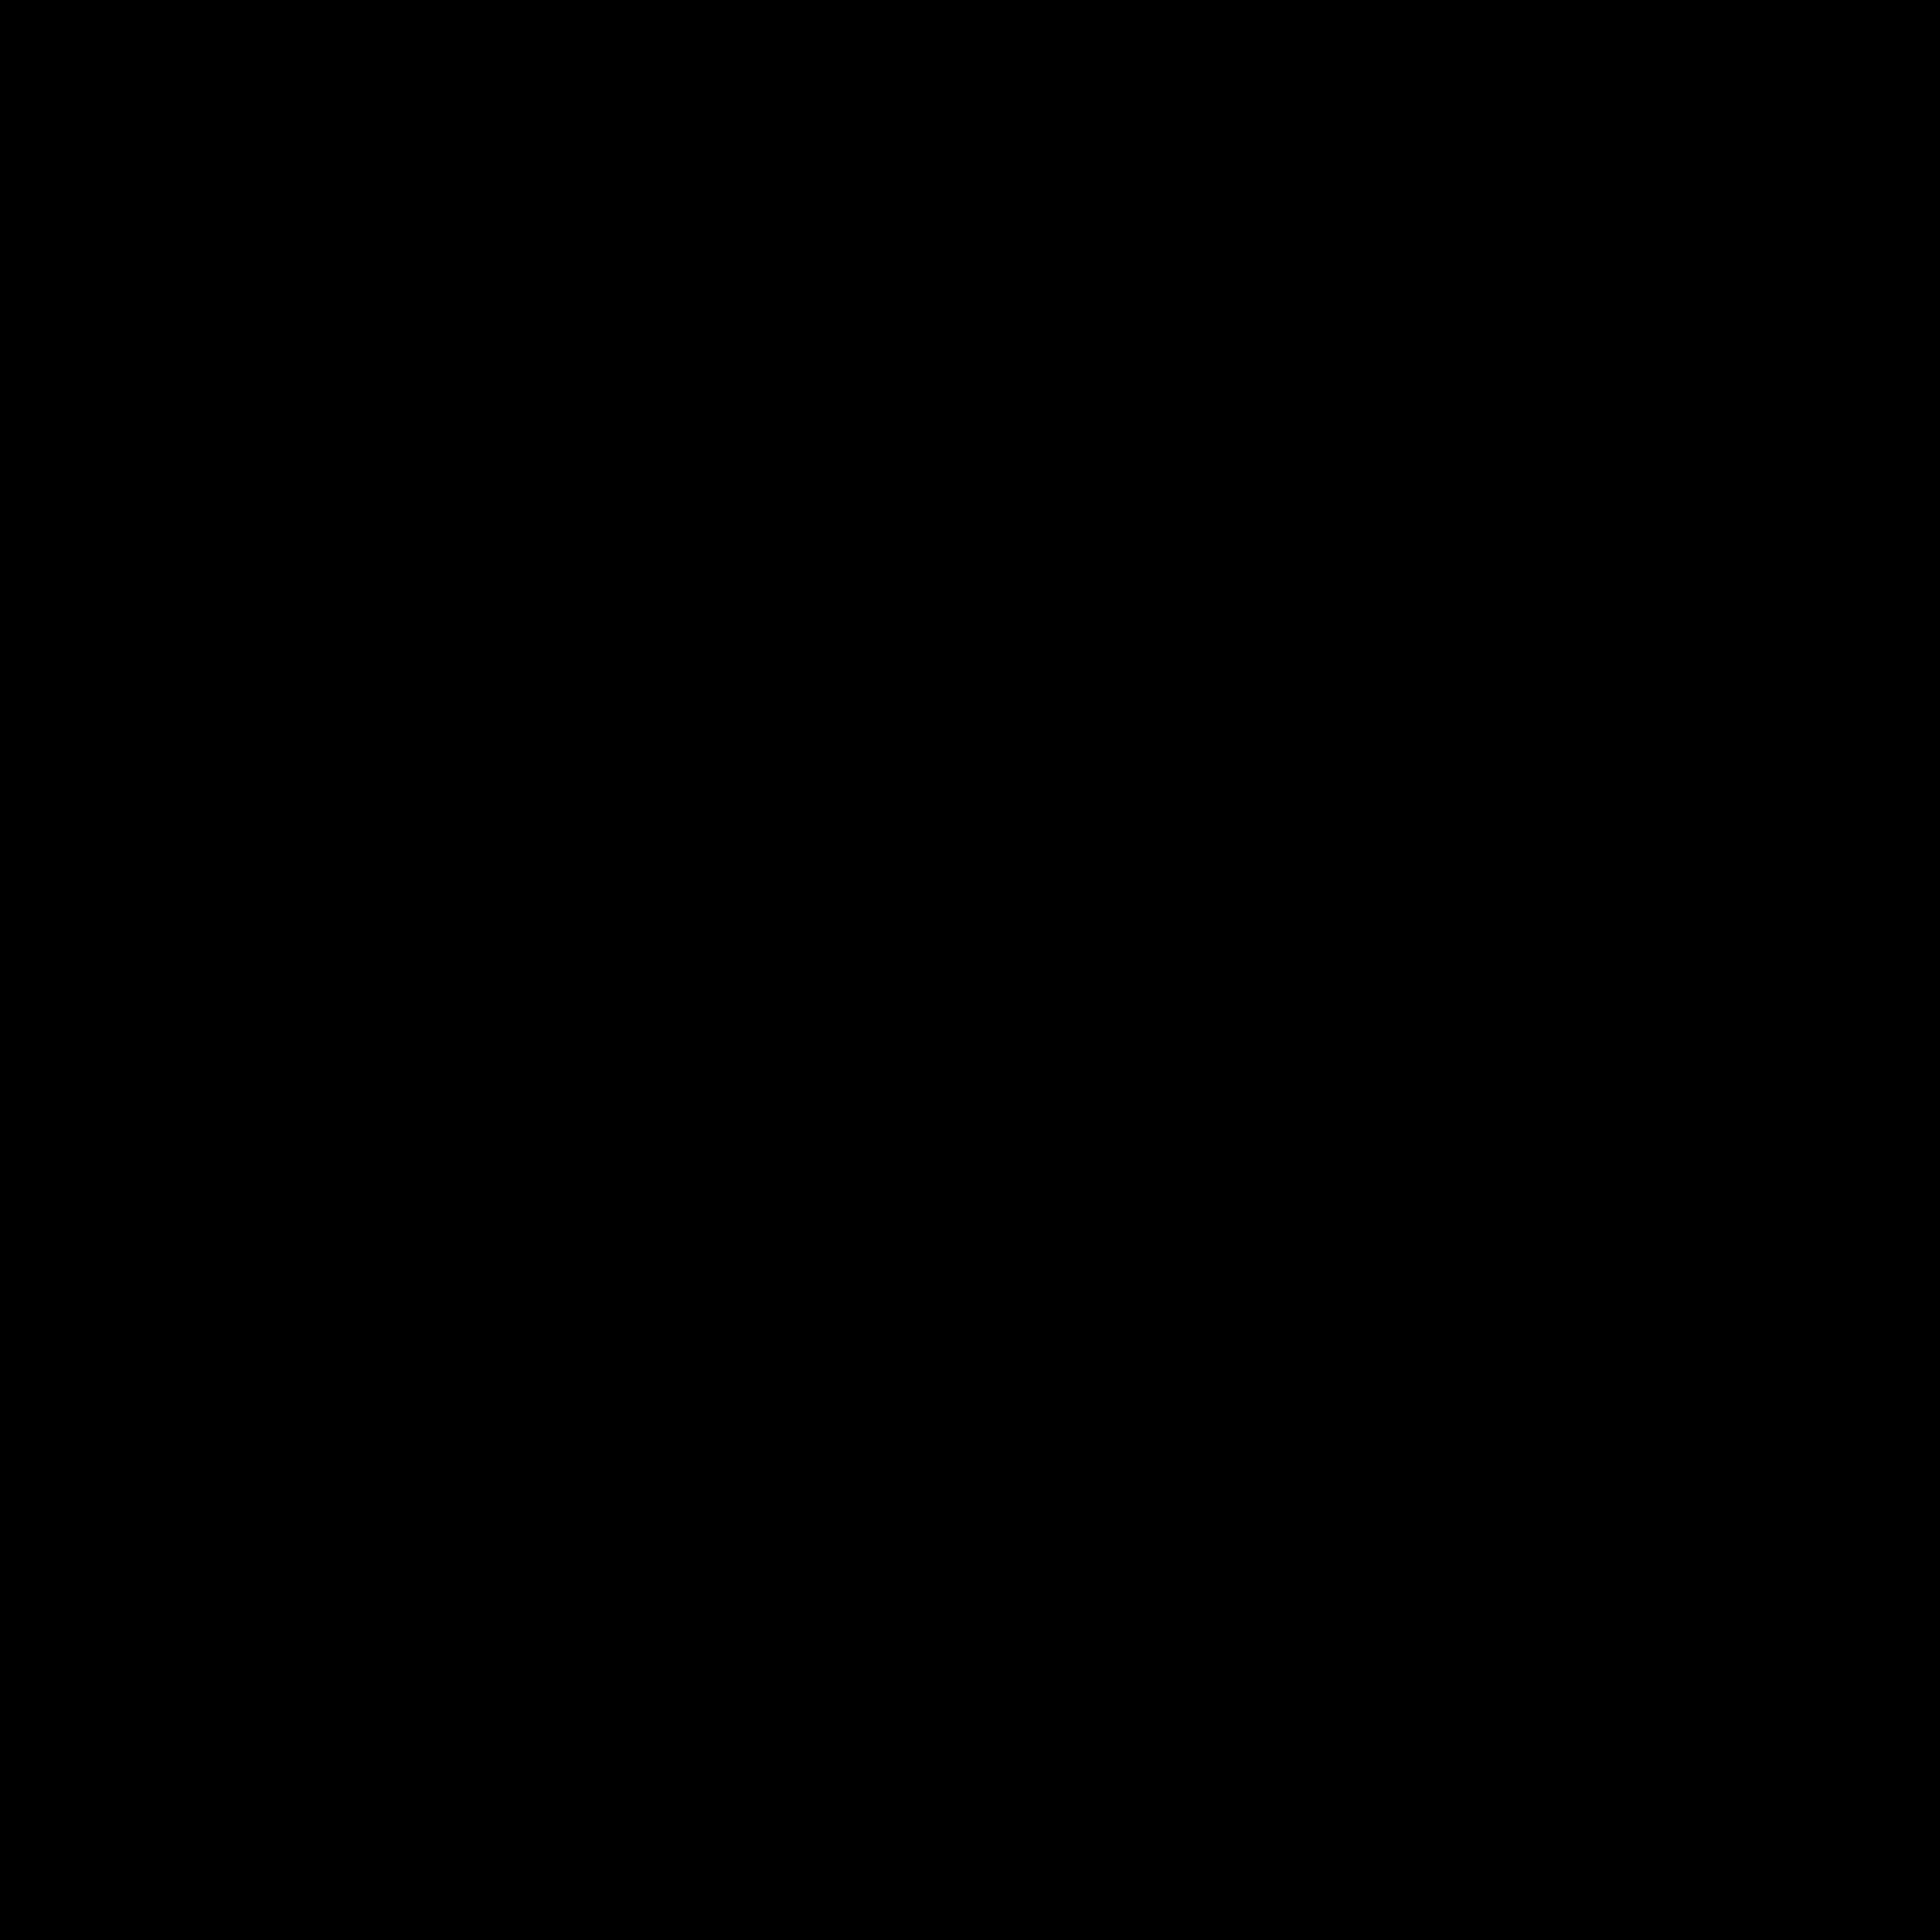 6er Satz von schwedischen Lindome um 1900